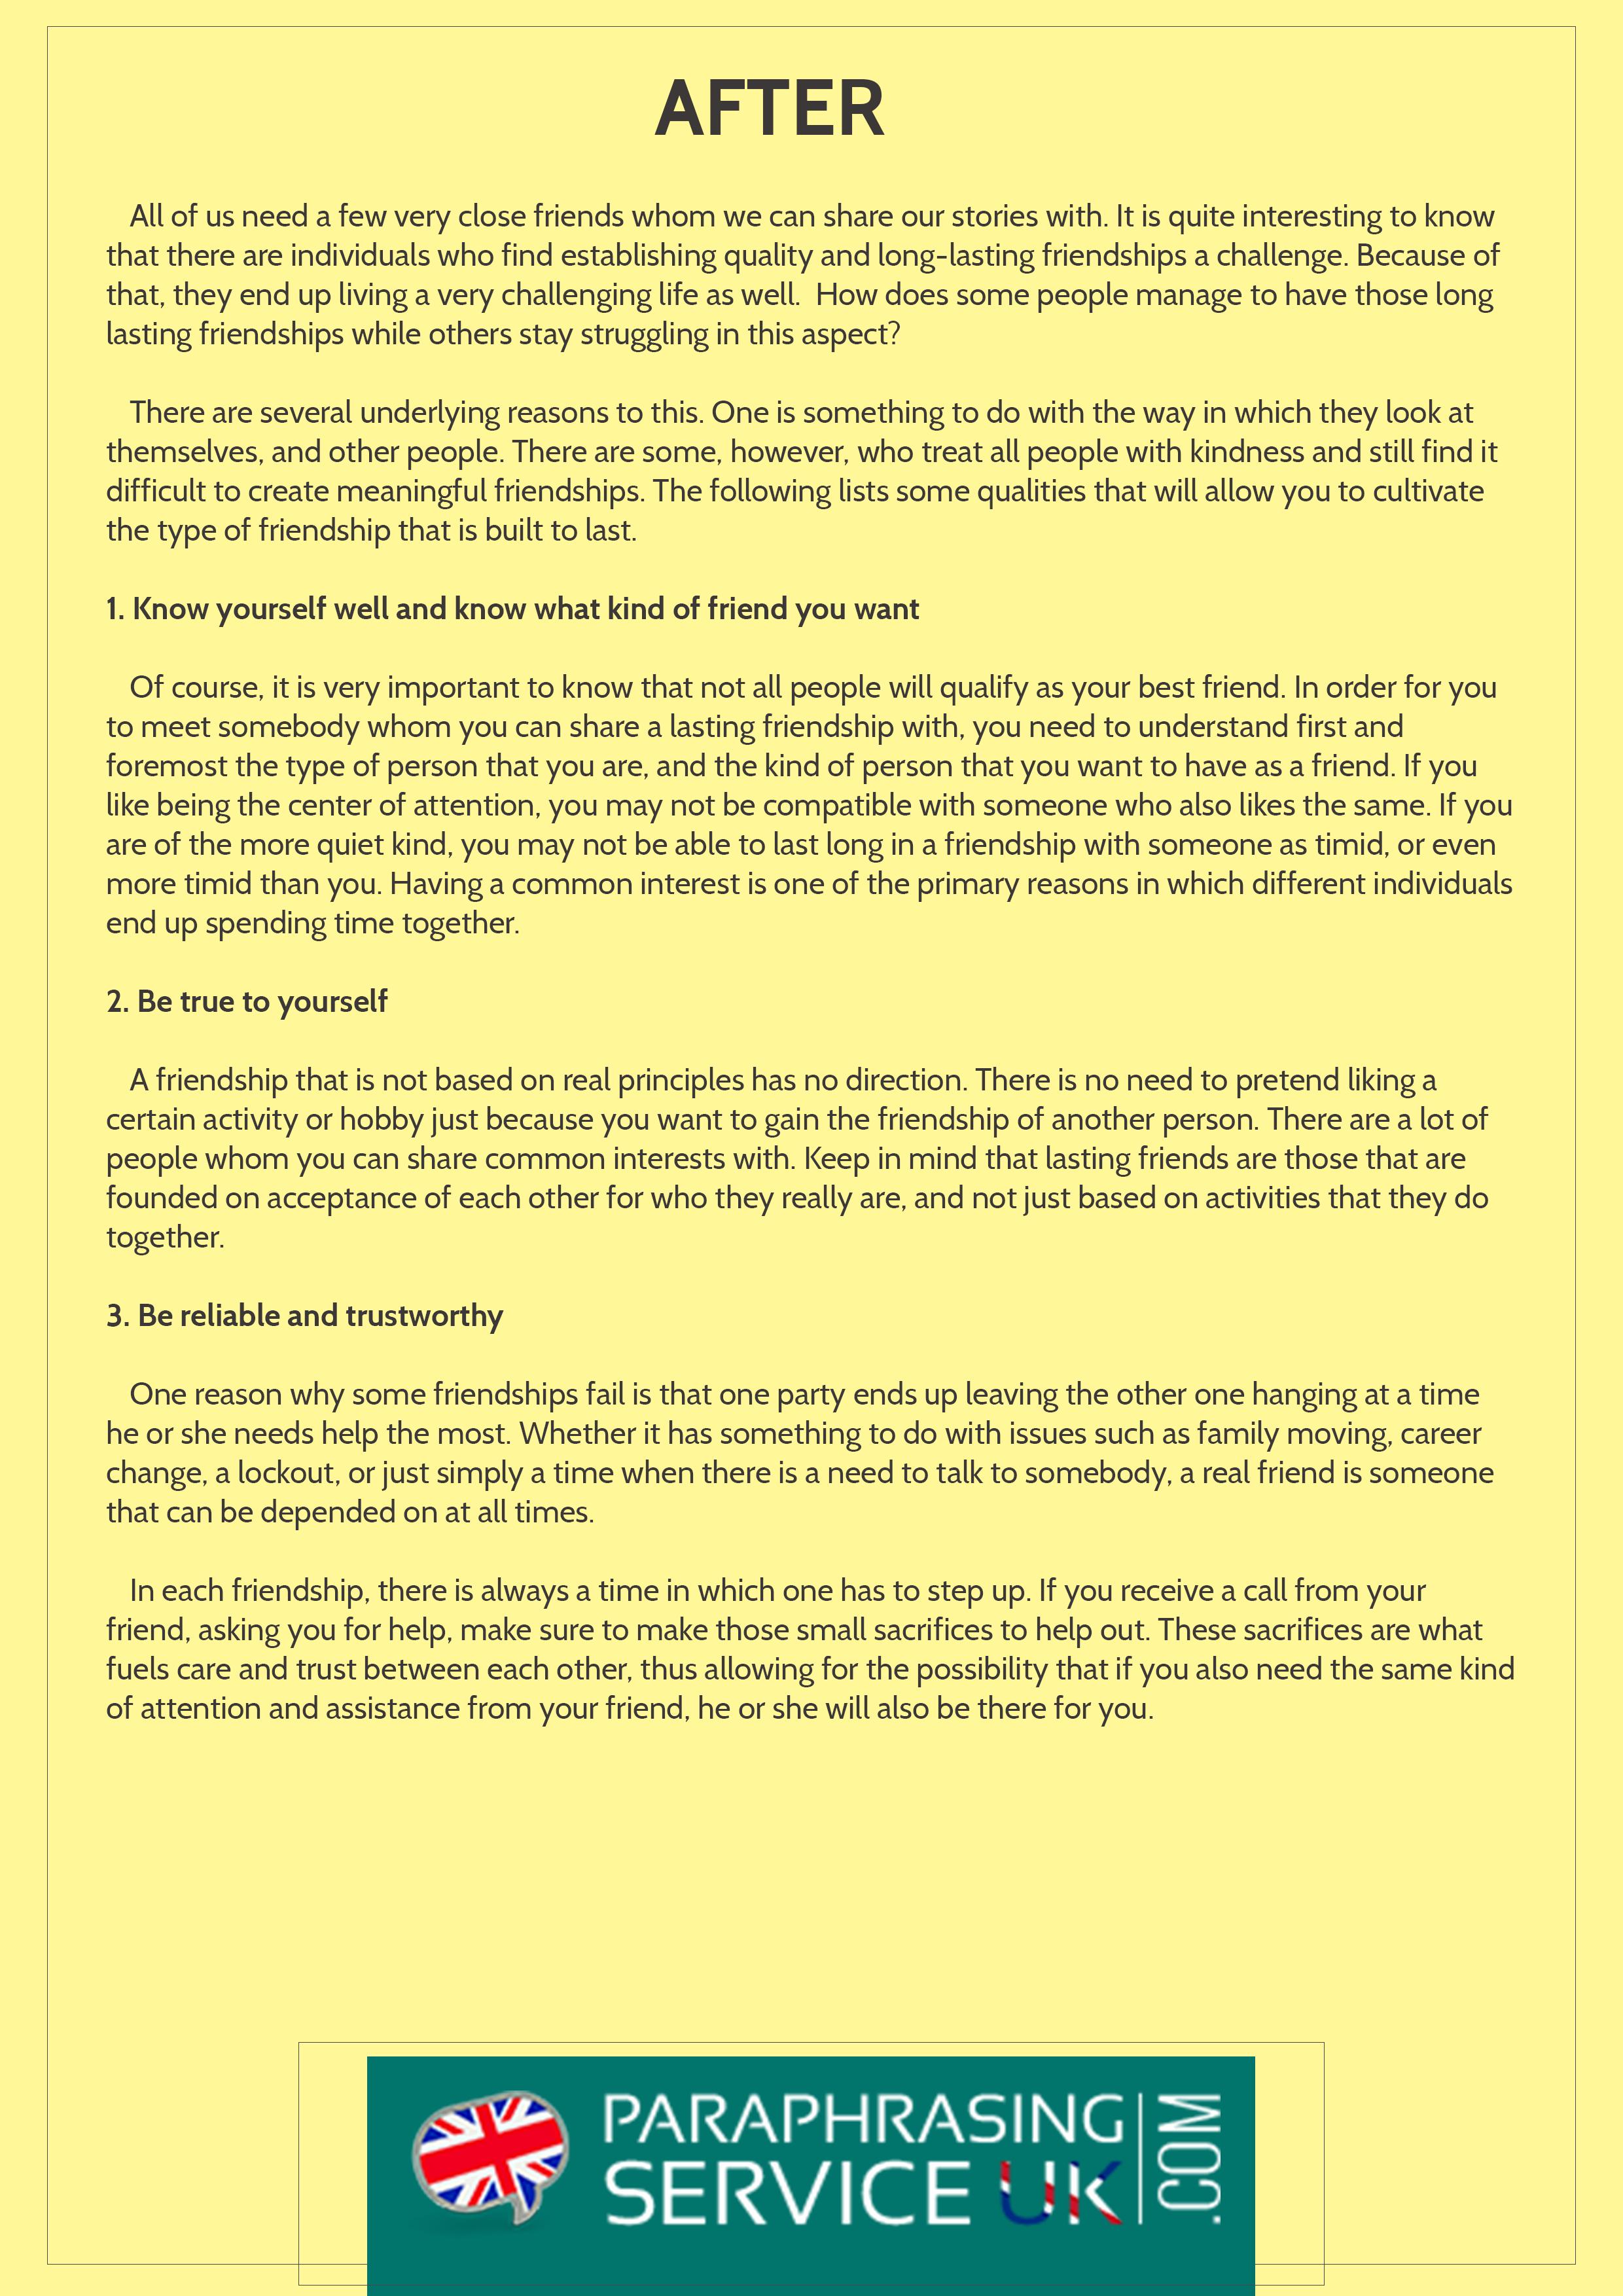 004 Paraphrased Essay Sample Example Amazing Reword Generator Free Full